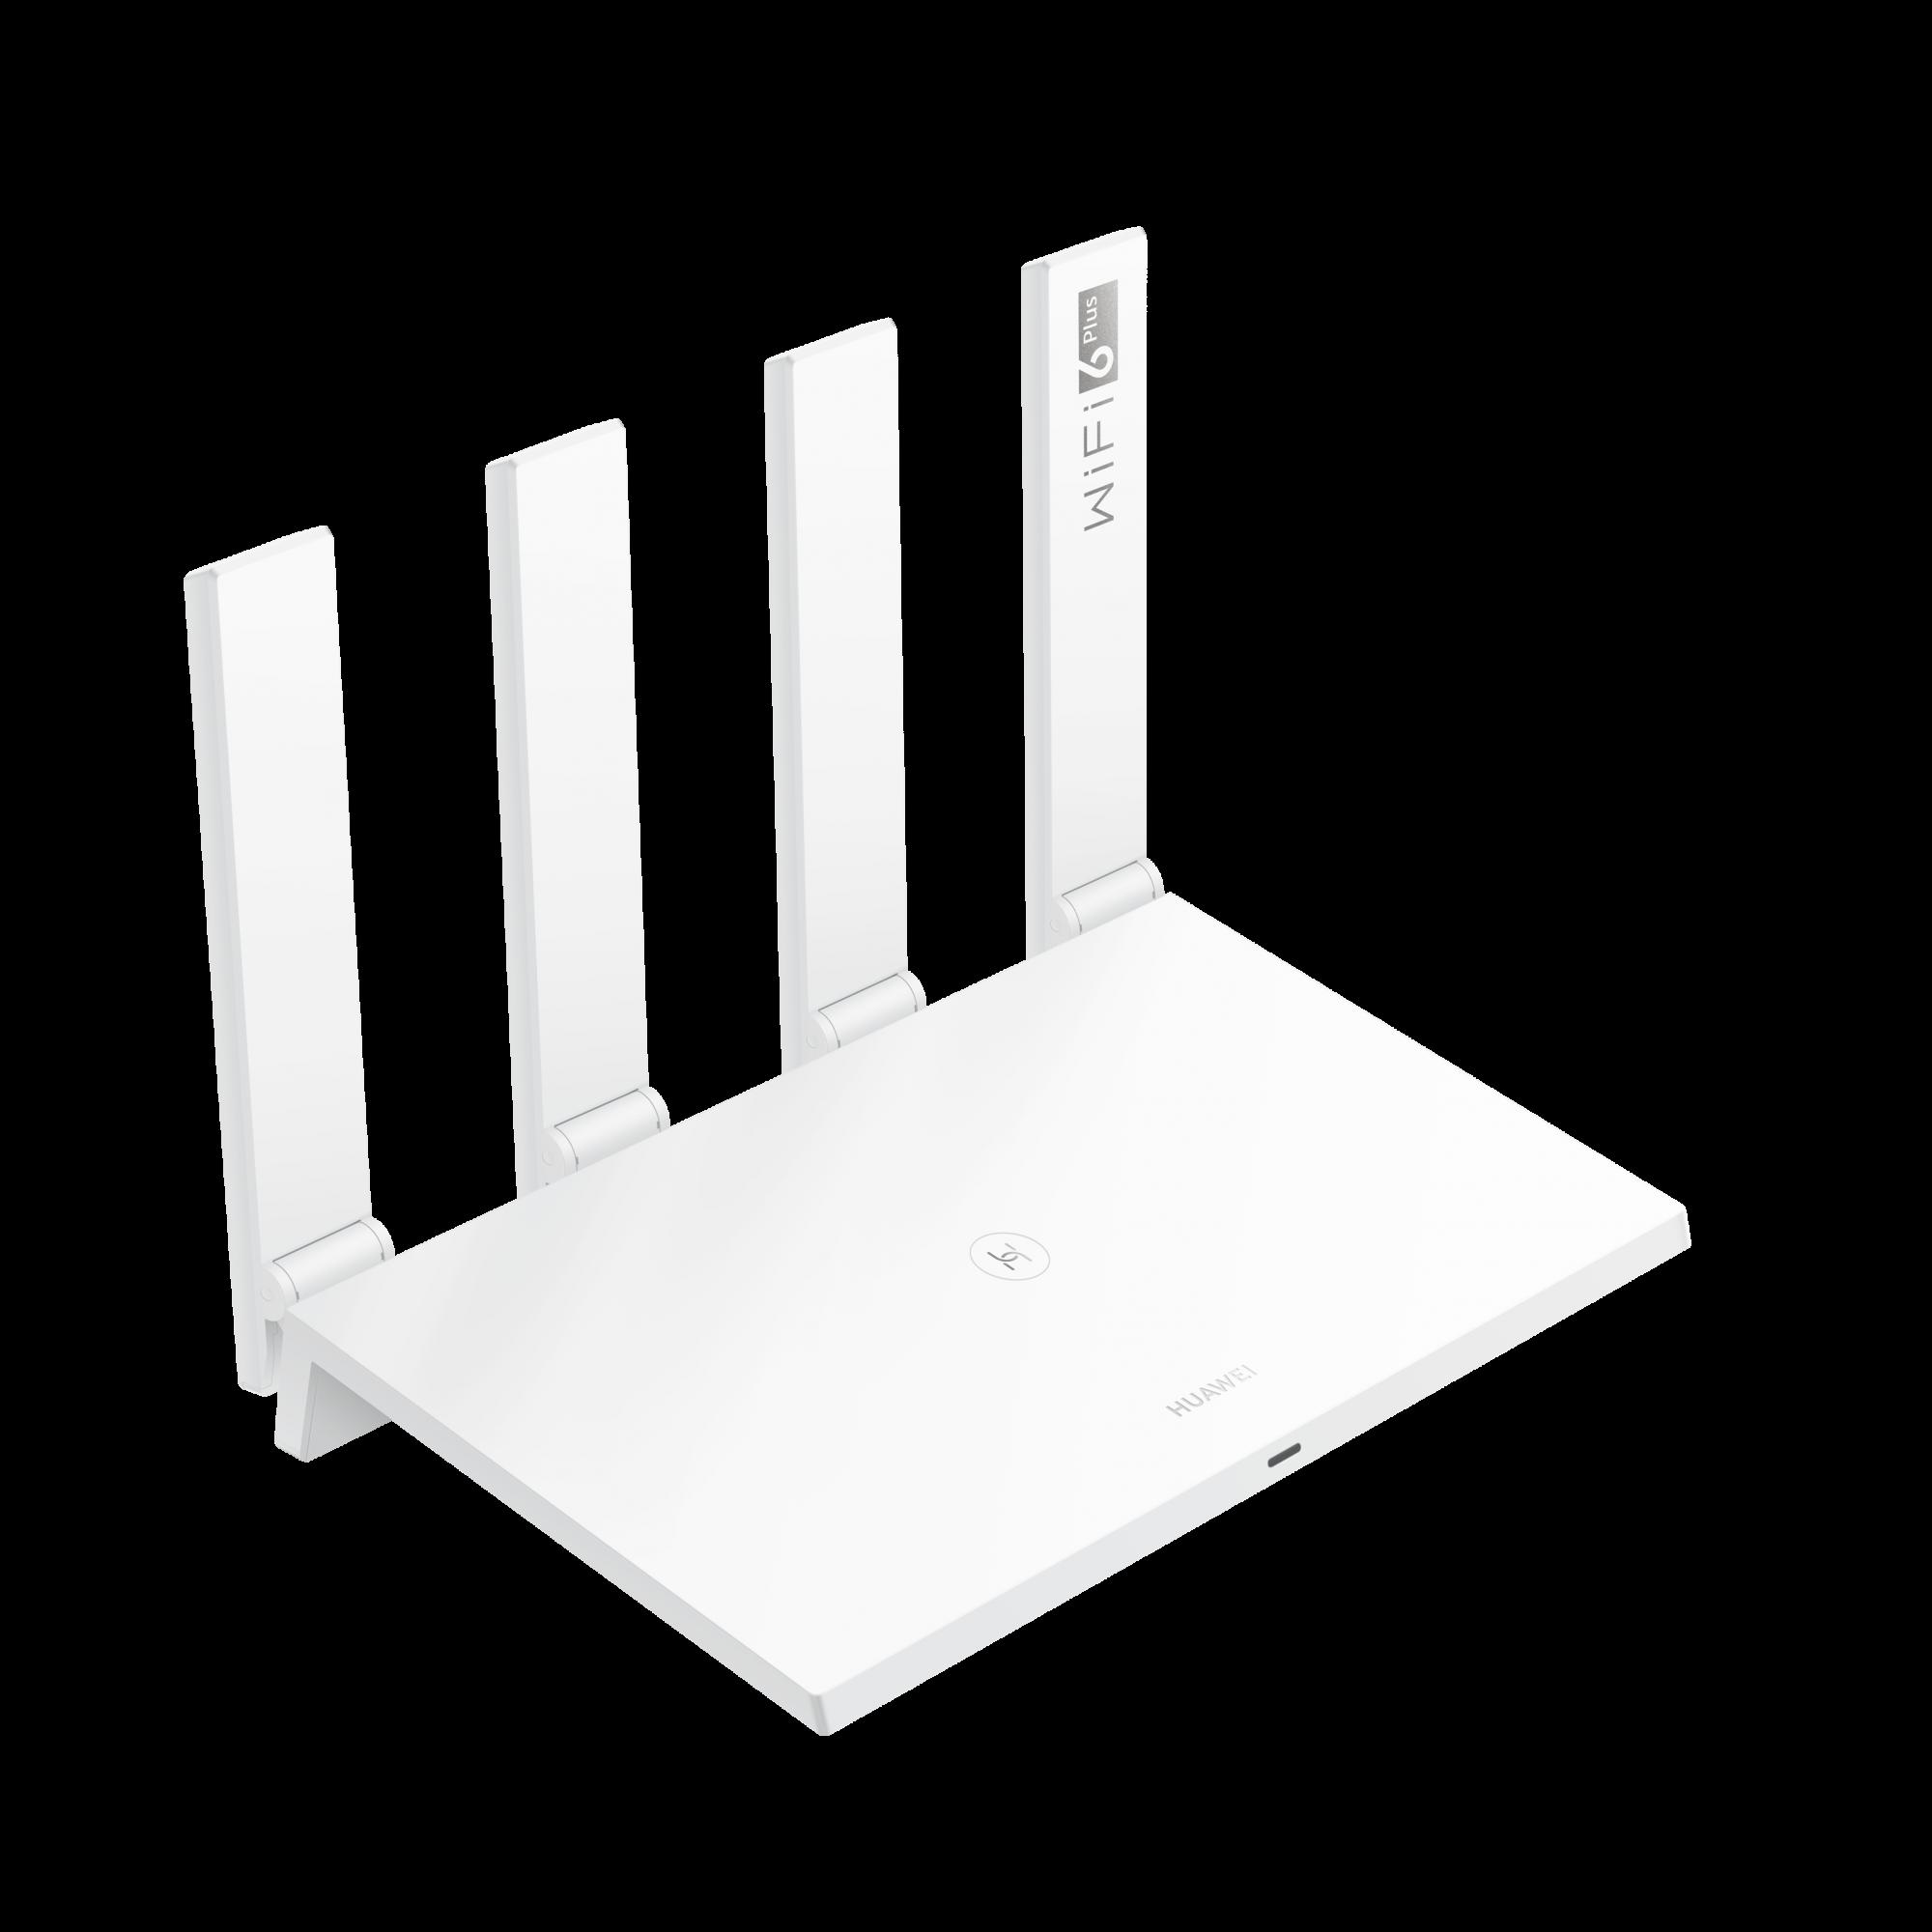 HUAWEI-WiFi-AX3-8